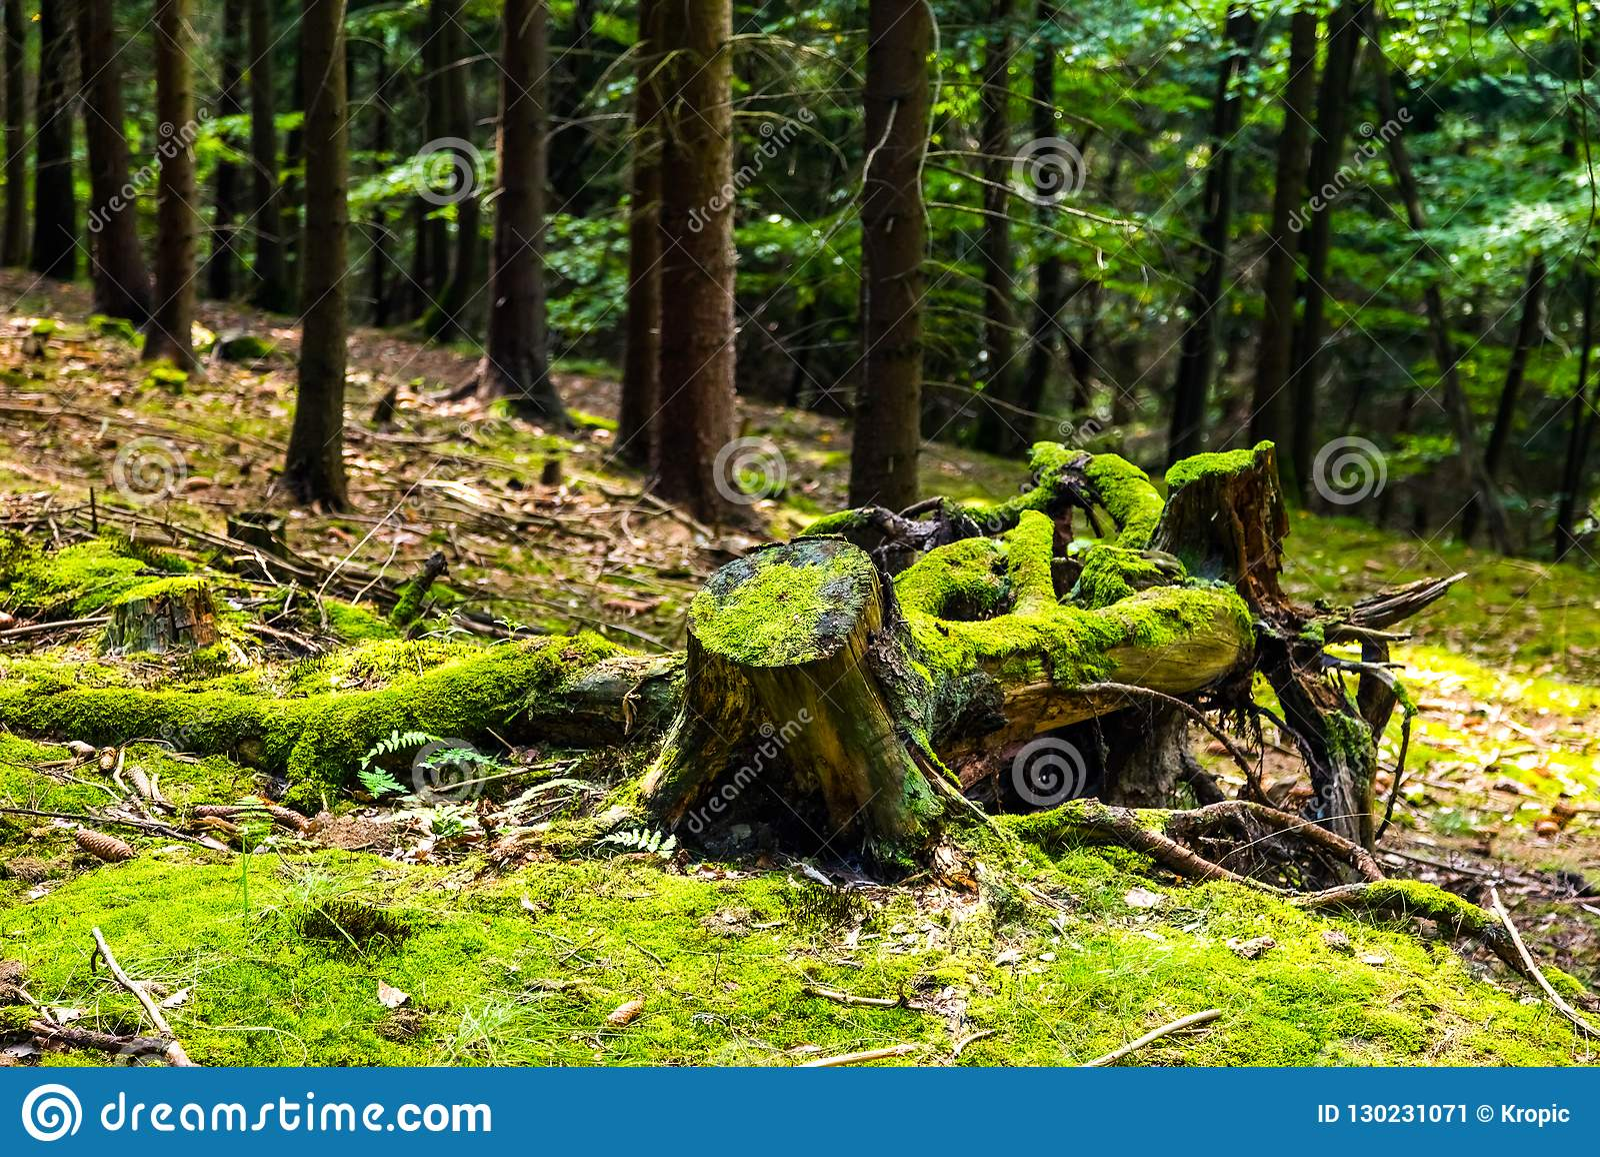 der urwald mit stumpf stockbild bild von lebensraum